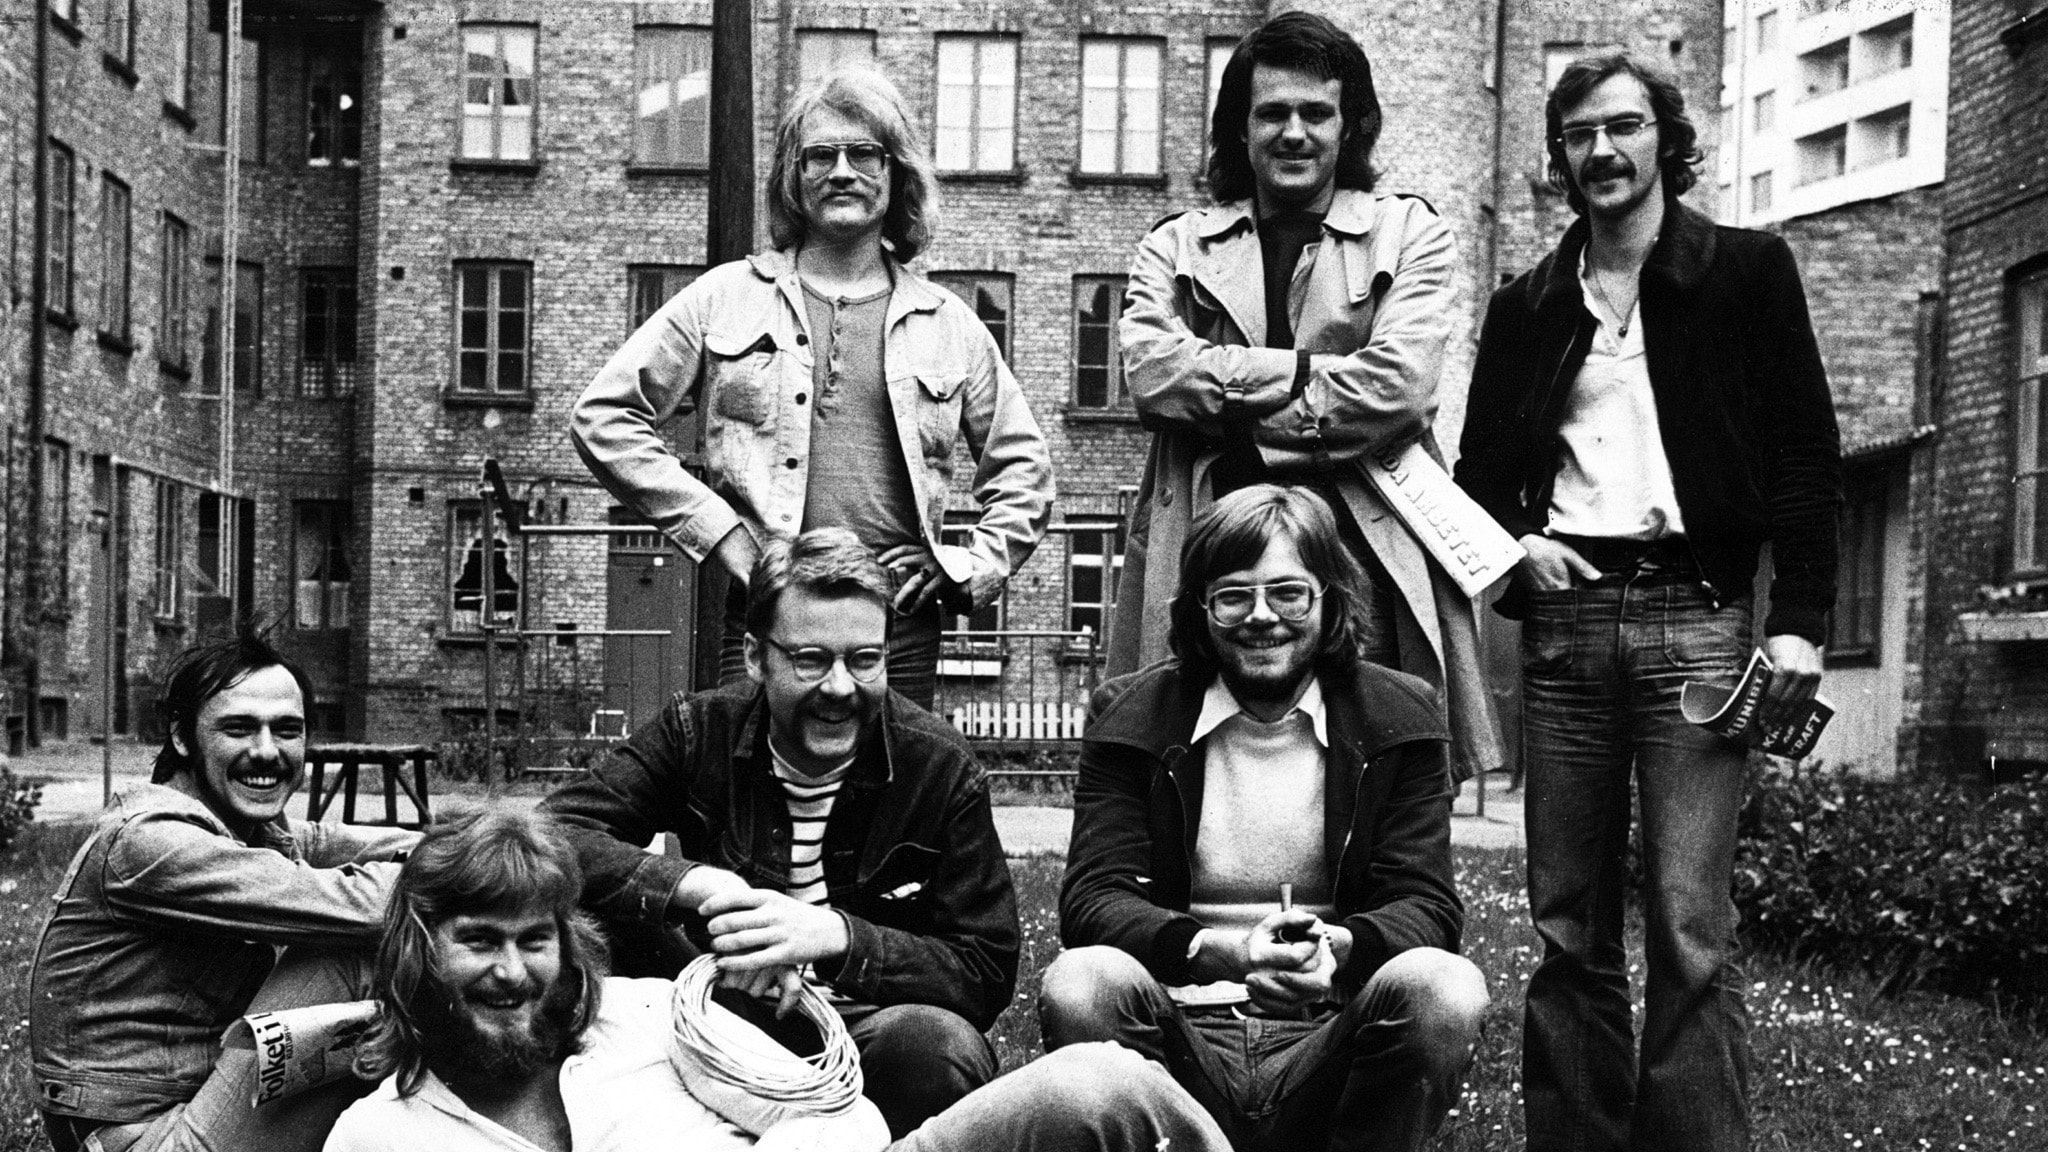 Hoola Bandoola Band med förgrundsfigurerna Björn Afzelius( längst till höger) och Mikael Wiehe (sittande i mitten) Övriga medlemmar: Peter Clemmedson, Povel Randén, Arne Franck, Per-Ove Kellgren och Håkan Skytte. Från 1973.